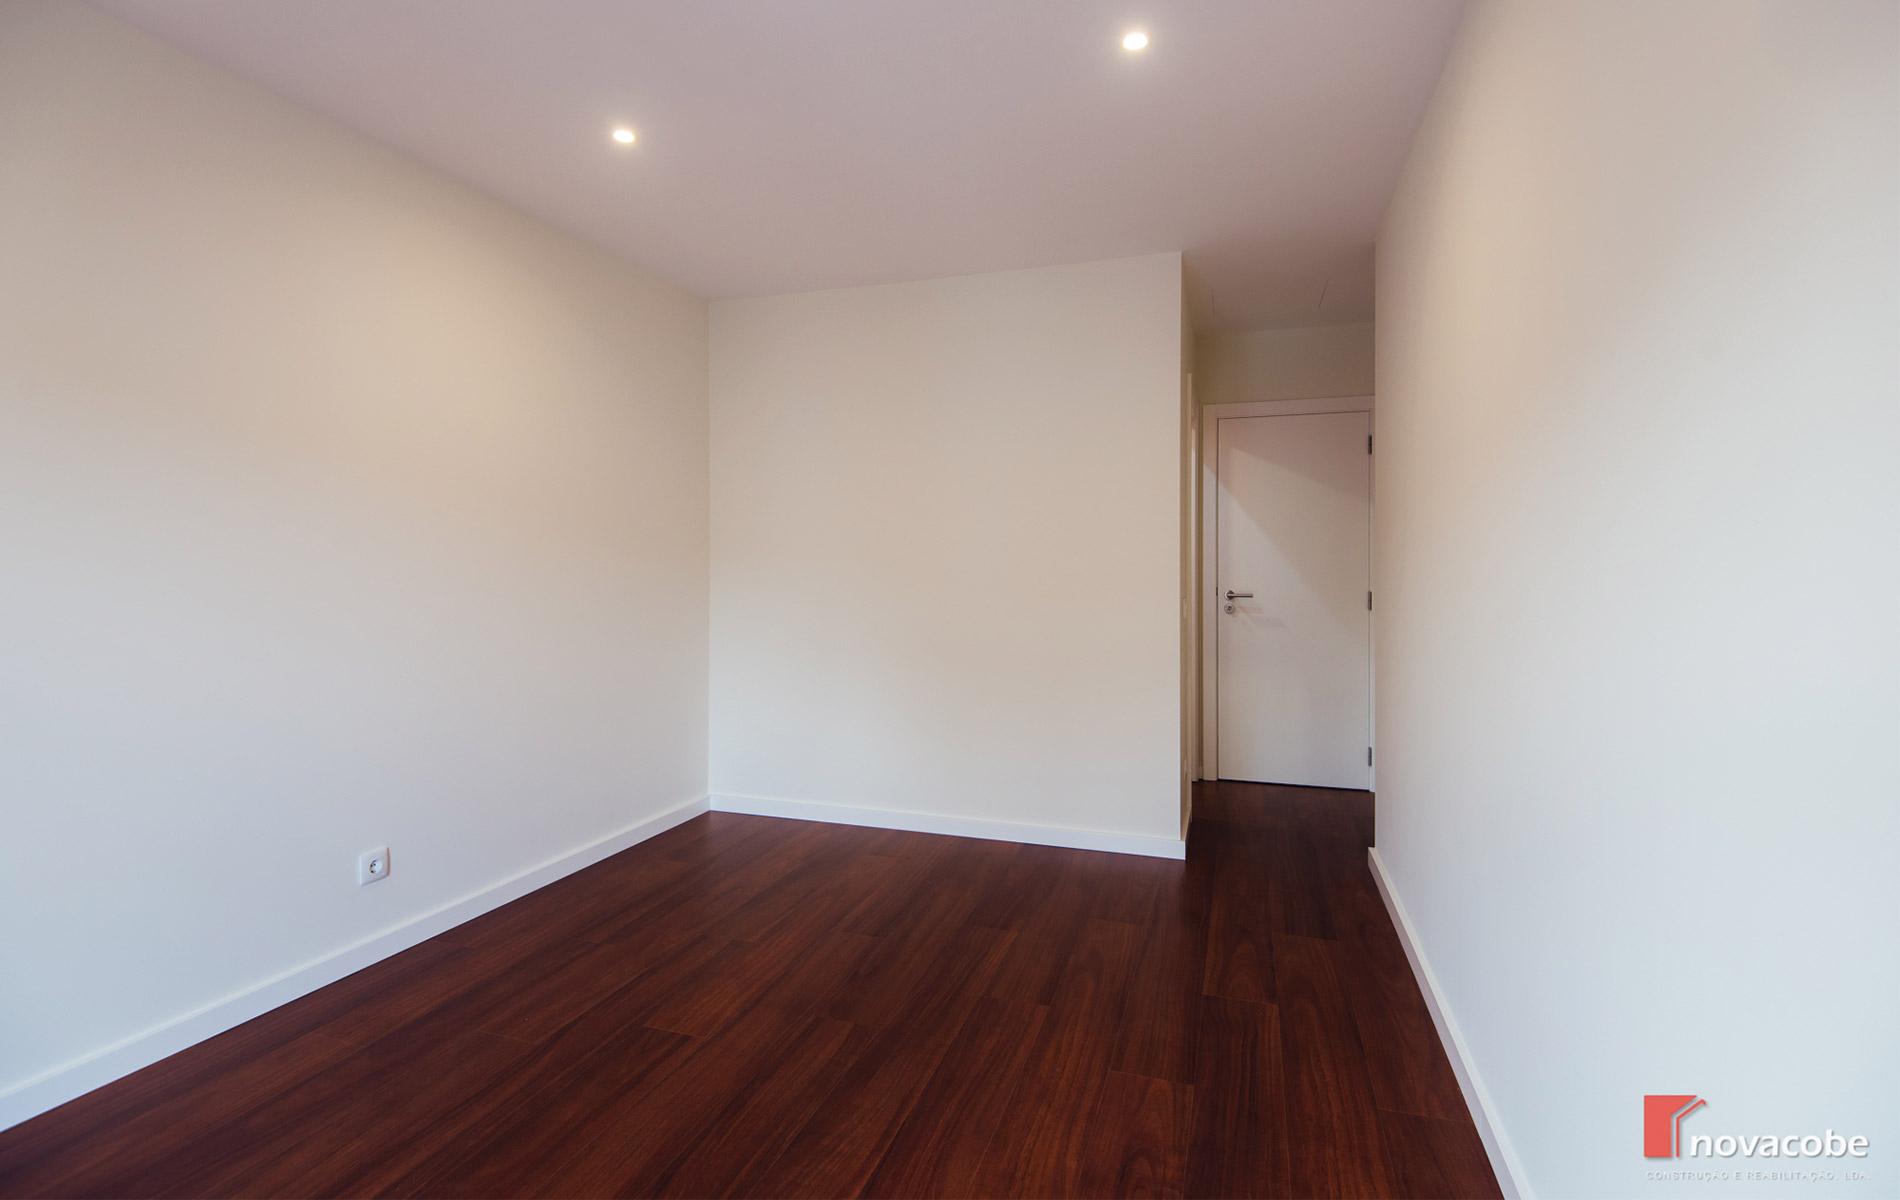 conversão apartamento, benedita - novacobe (1)